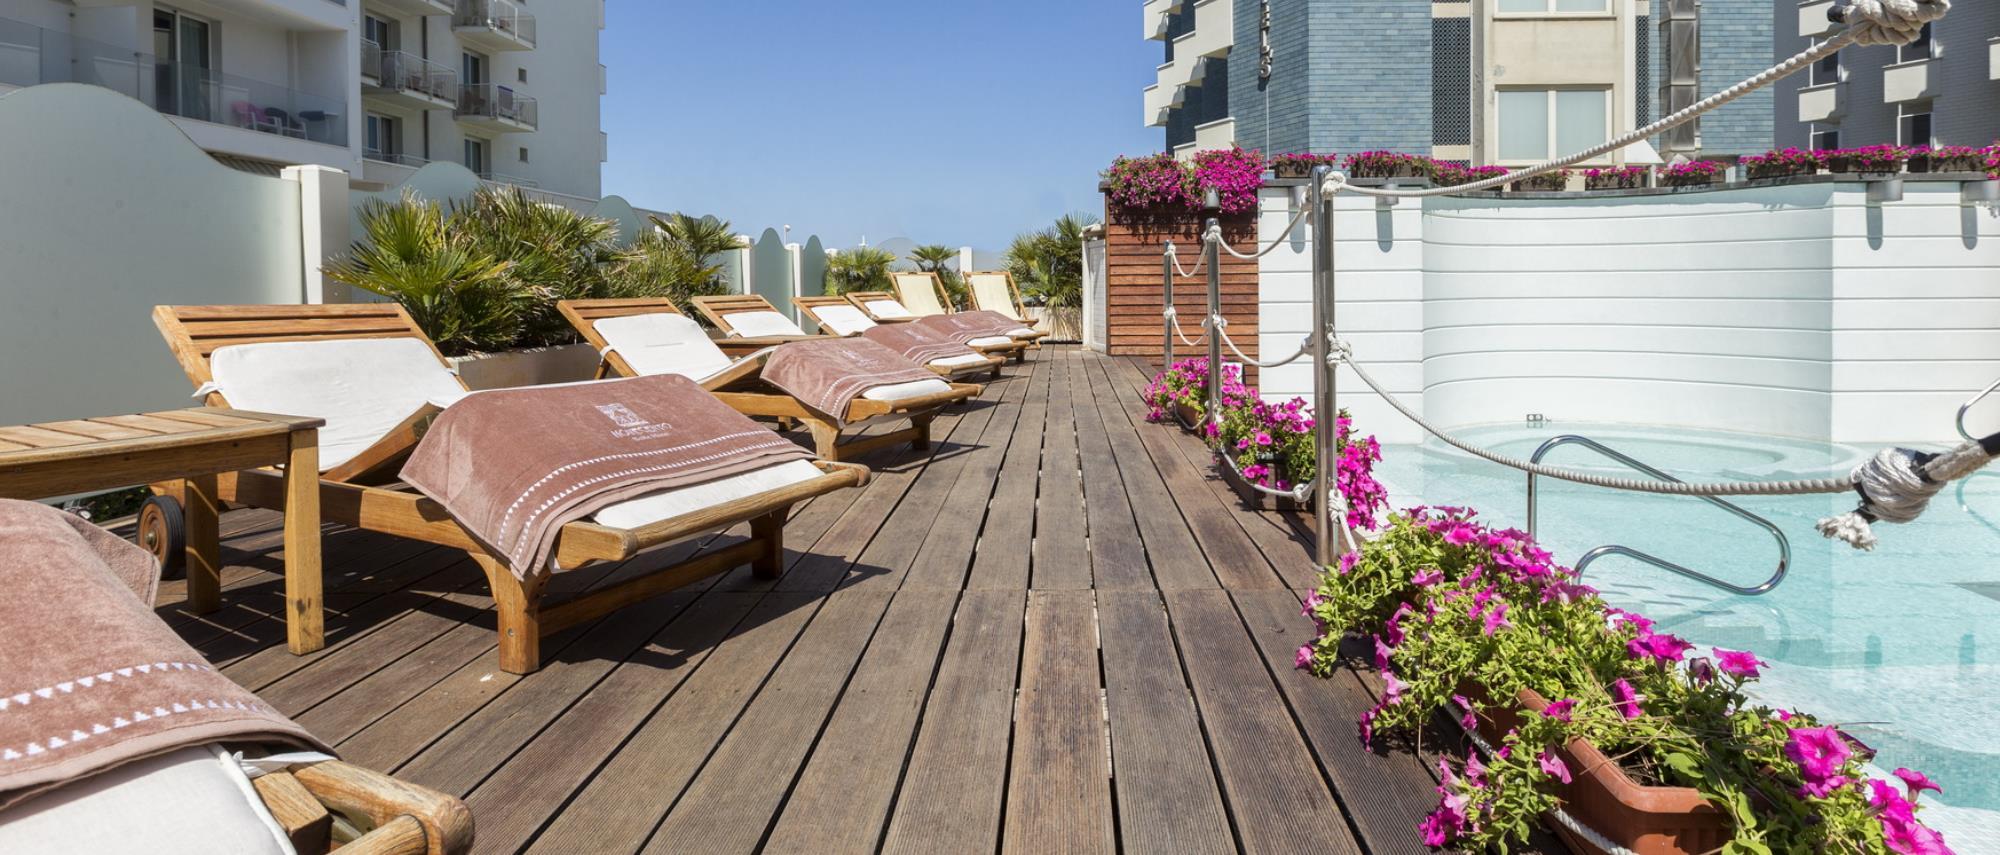 Piscina con lettini vista mare a riccione hotel novecento for Piscina riccione